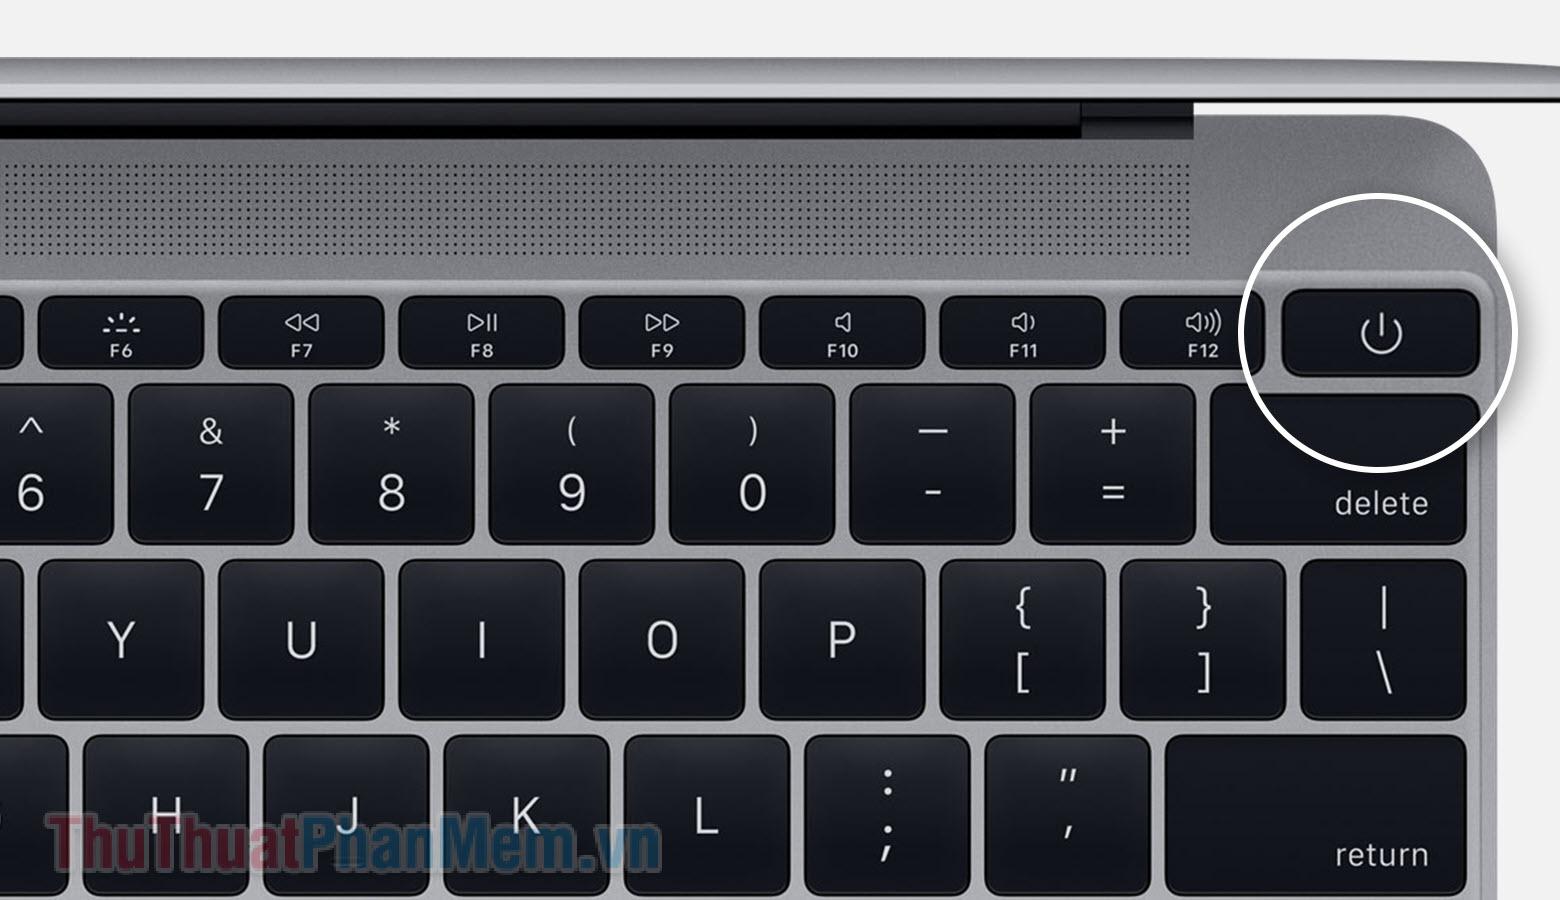 Giữ nút nguồn trên bàn phím cho đến khi máy tính tắt